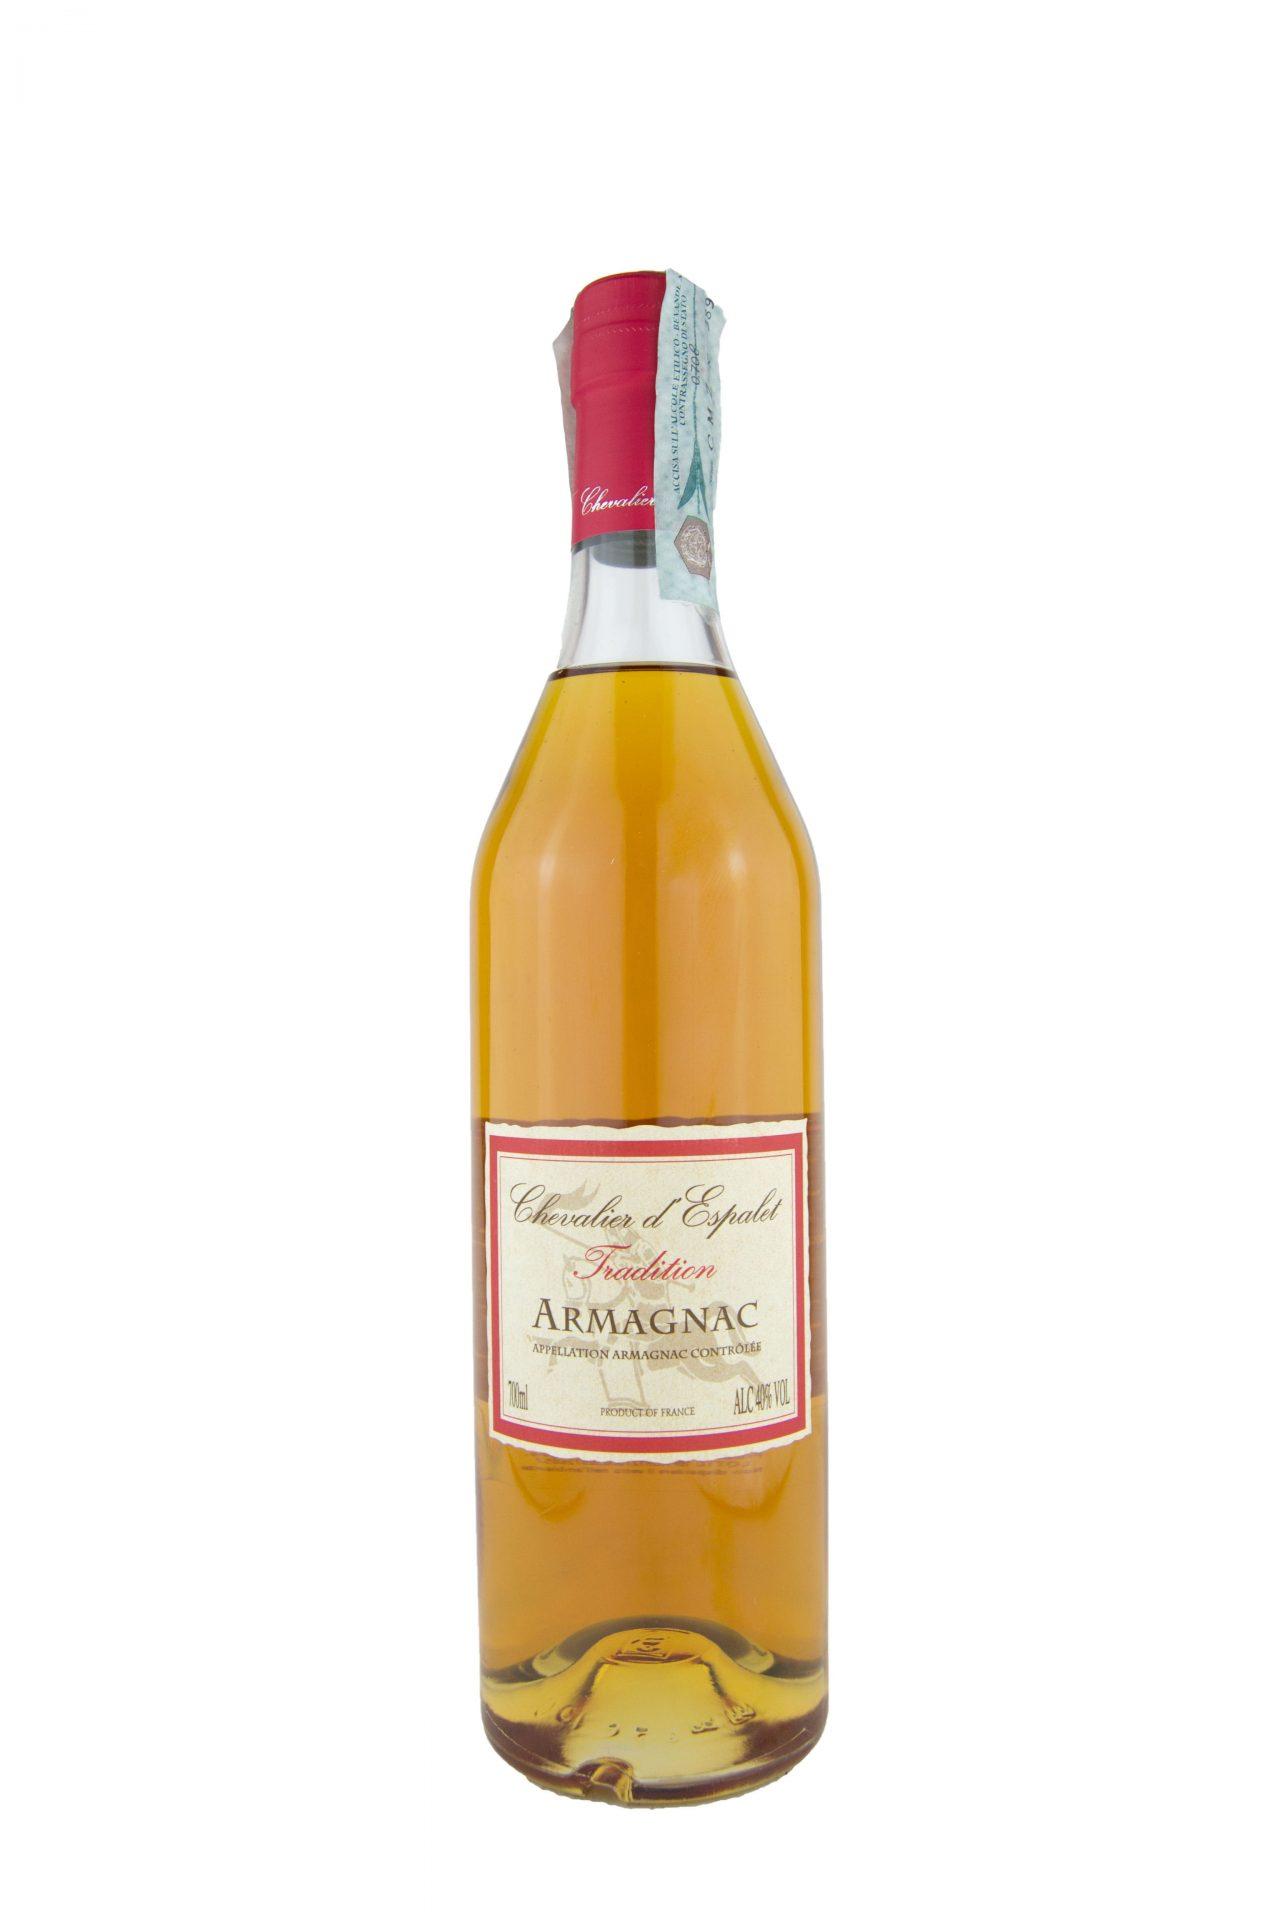 Chevalier D'Espalet – Tradition Armagnac